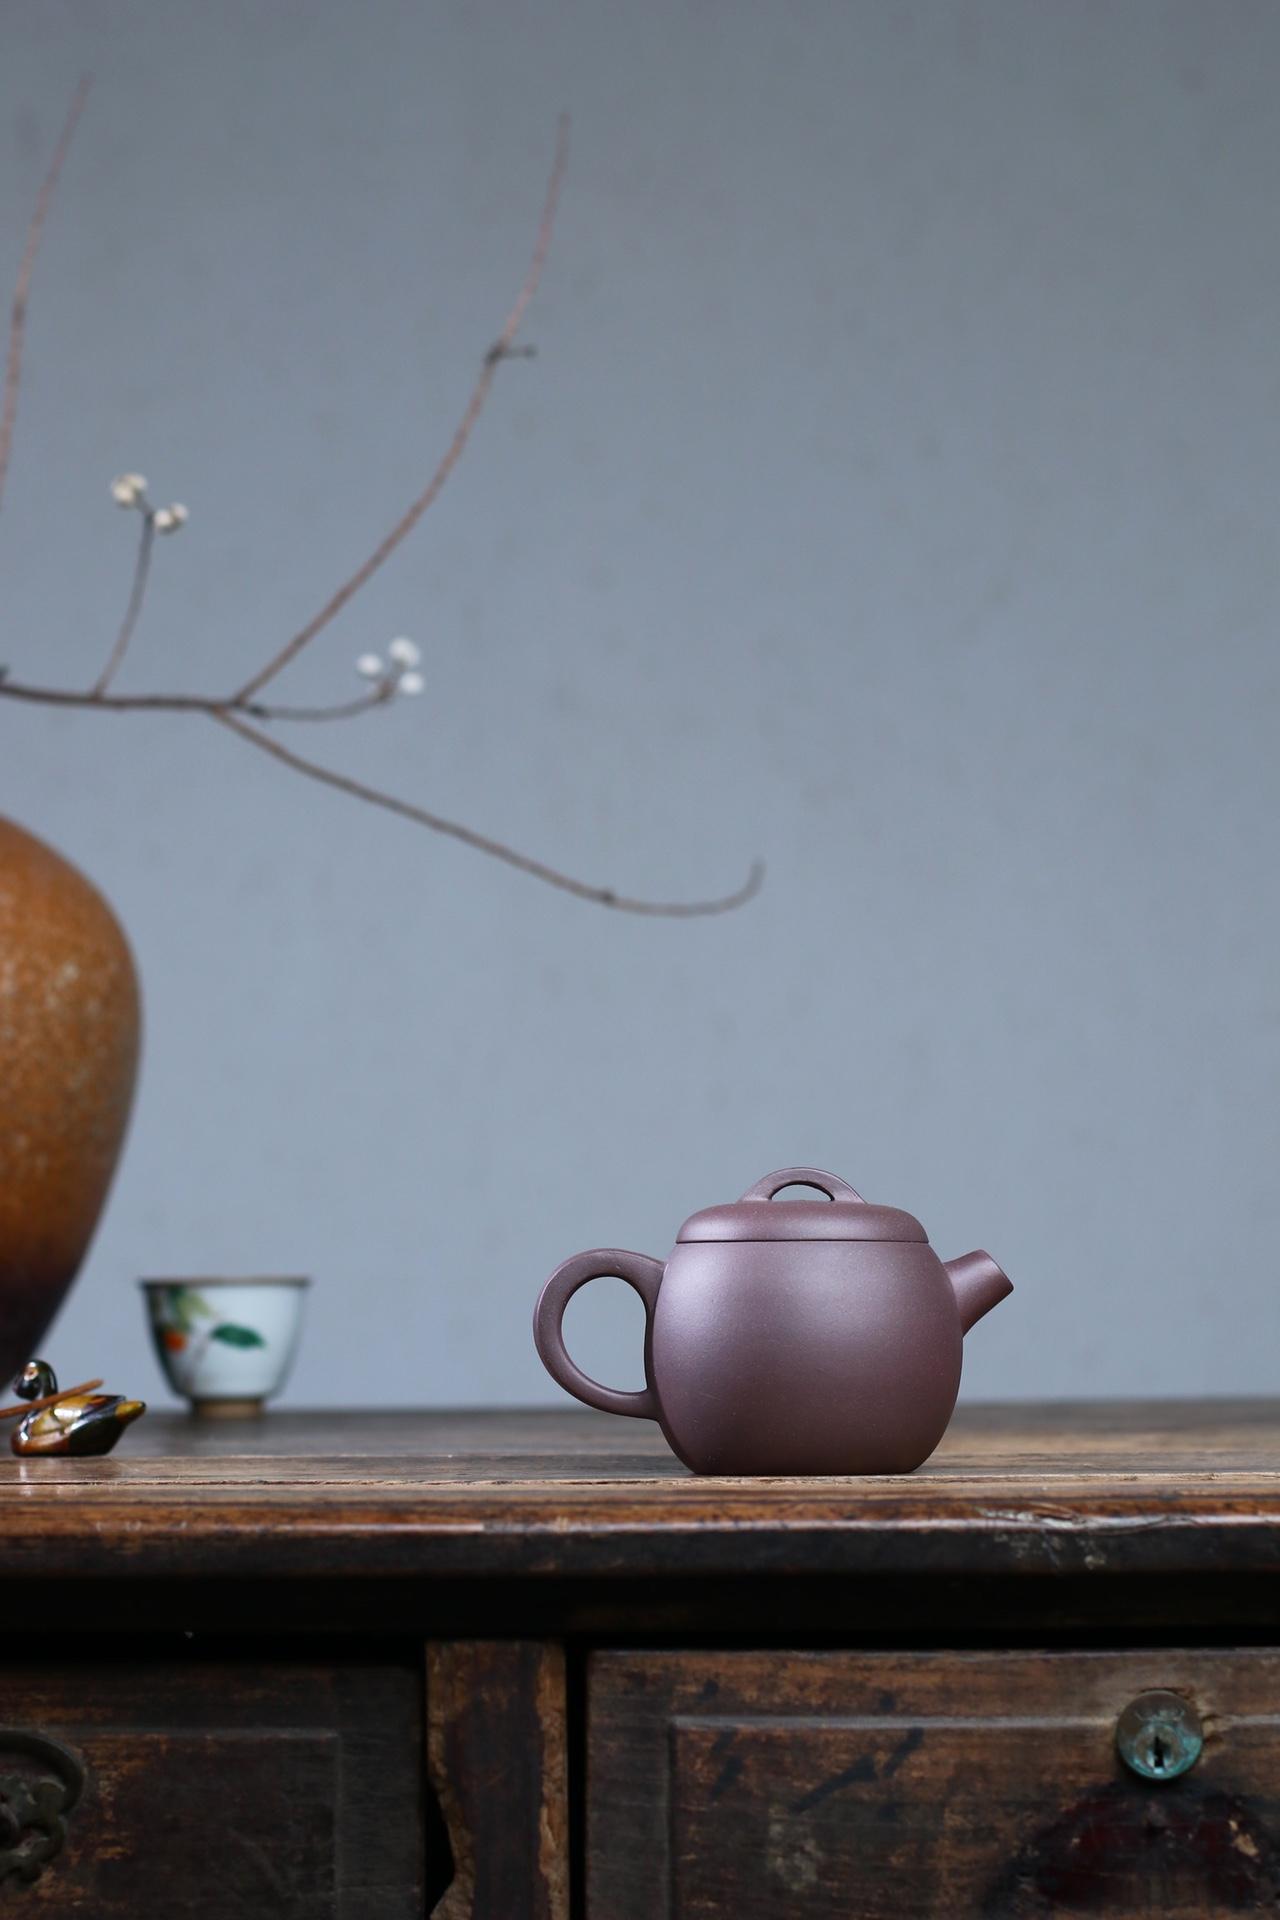 紫罗兰泥料-巨轮 吕介平 国工美术师 250cc(9孔出水) 选用上好紫罗兰,段泥中的佳品,14目,